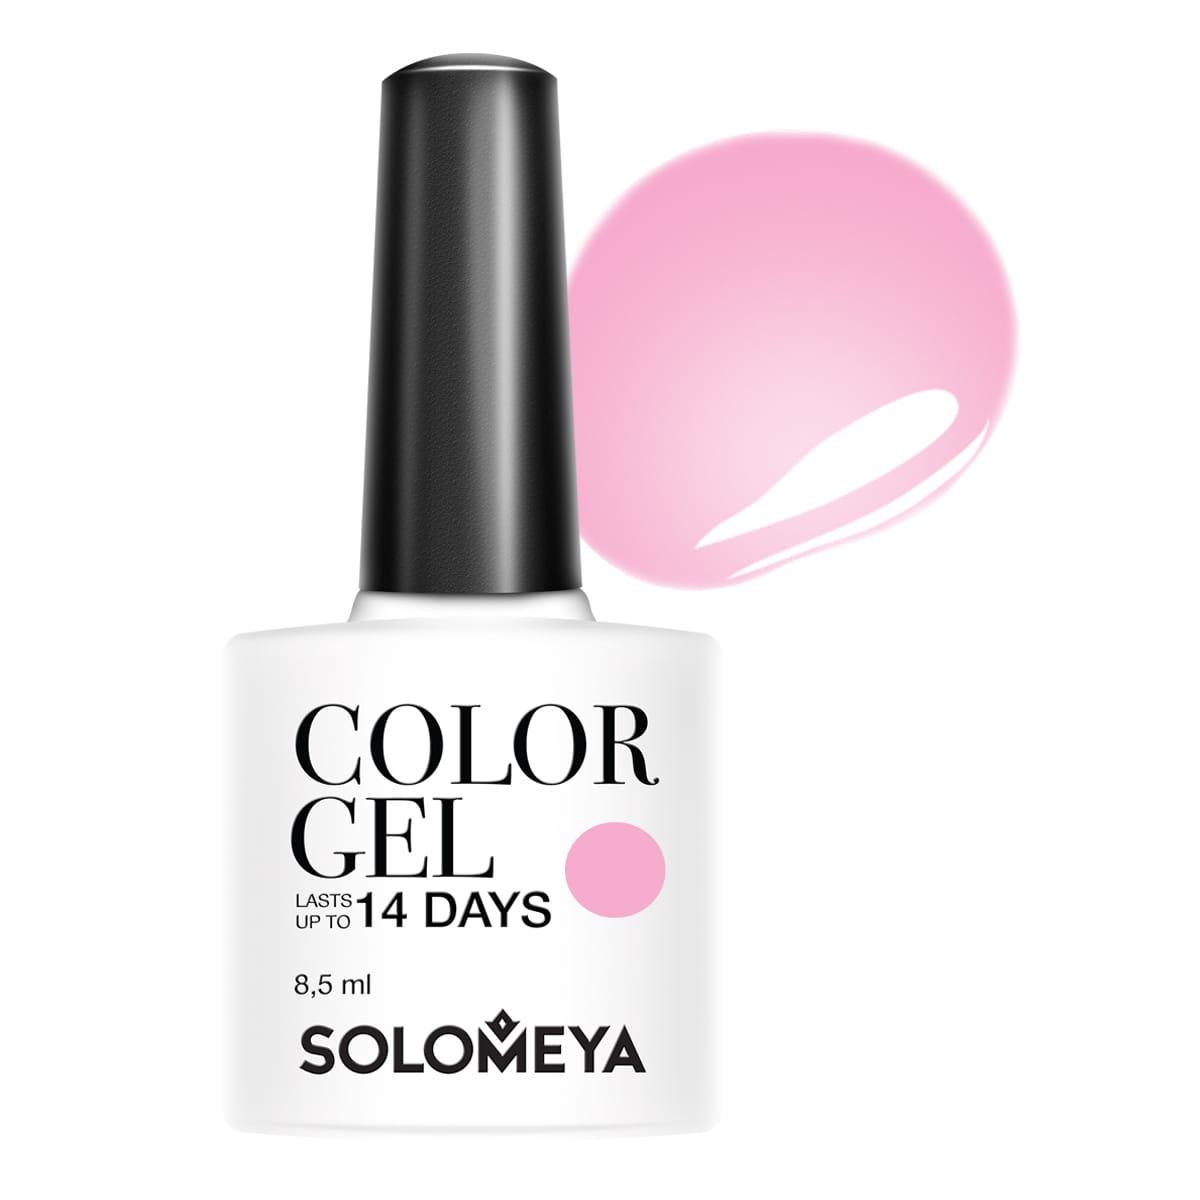 SOLOMEYA Гель-лак для ногтей SCGT009 Летиция / Color Gel Leticia 8,5 мл